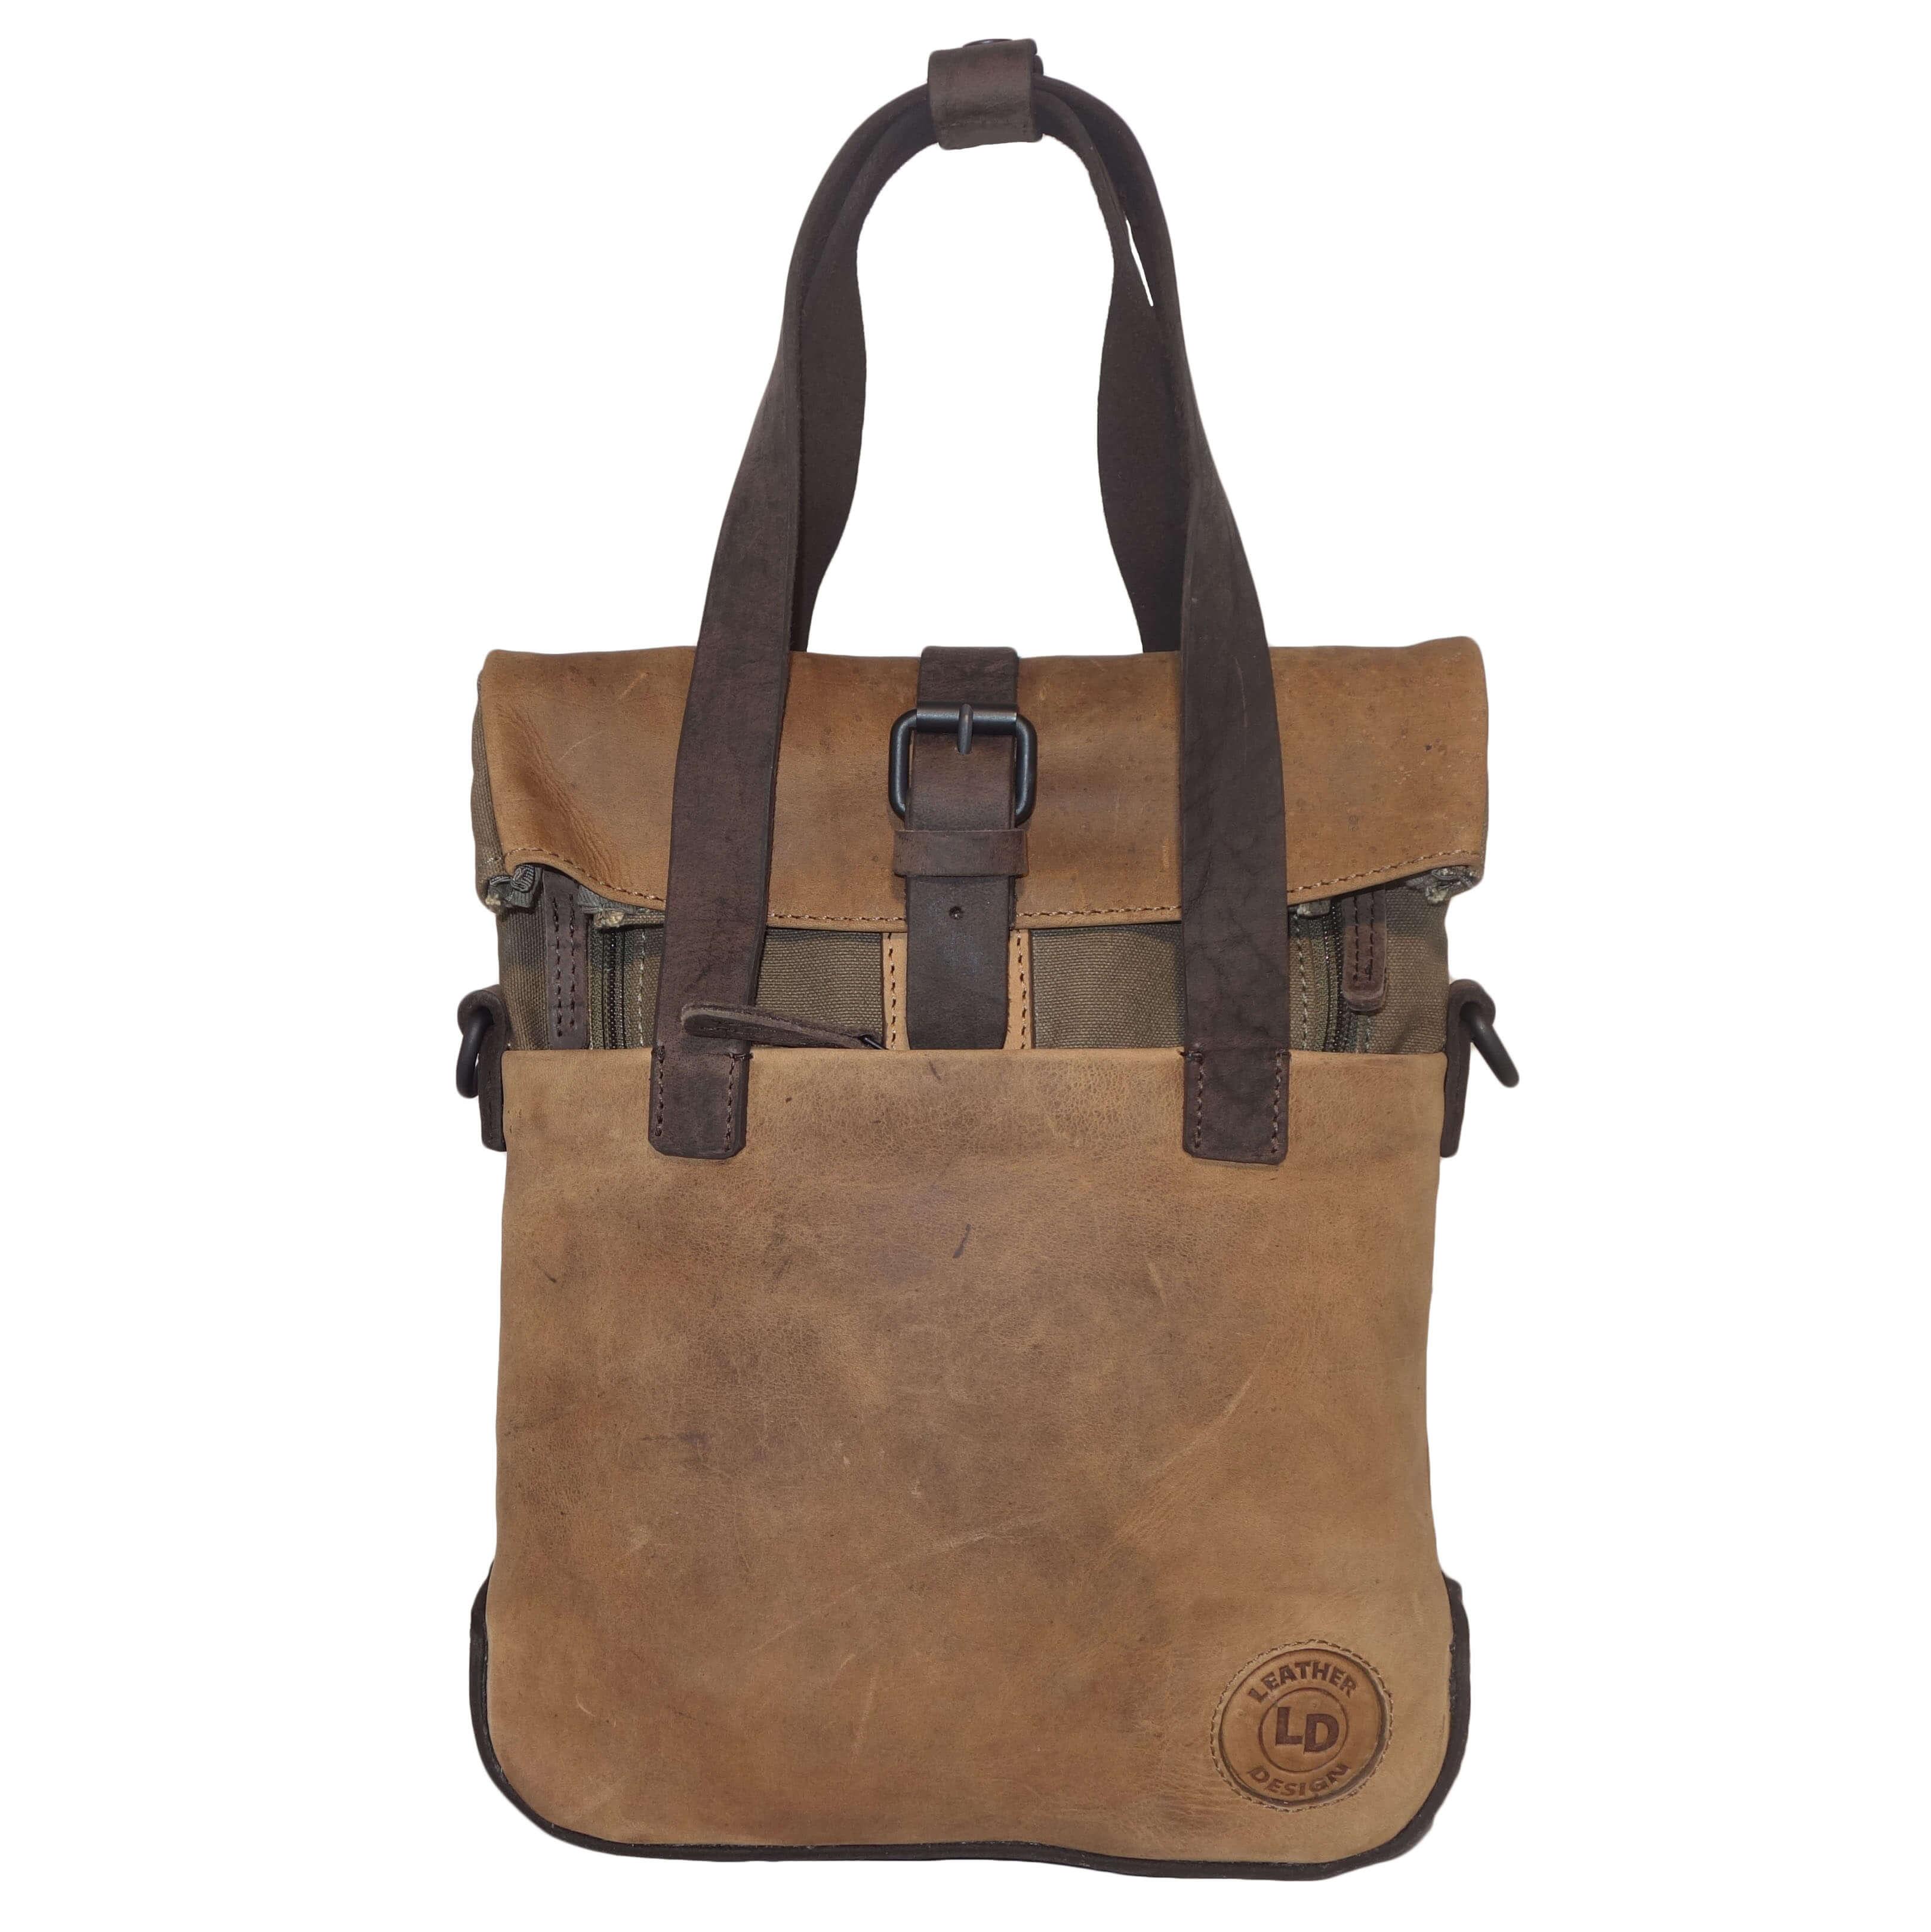 9f17913236b Stoere rugzak/schoudertas/handtas van Leather Design. De tas is gemaakt van  hoogwaardige kwaliteit leer en een stevige kwalitieit canvas, de combinatie  van ...